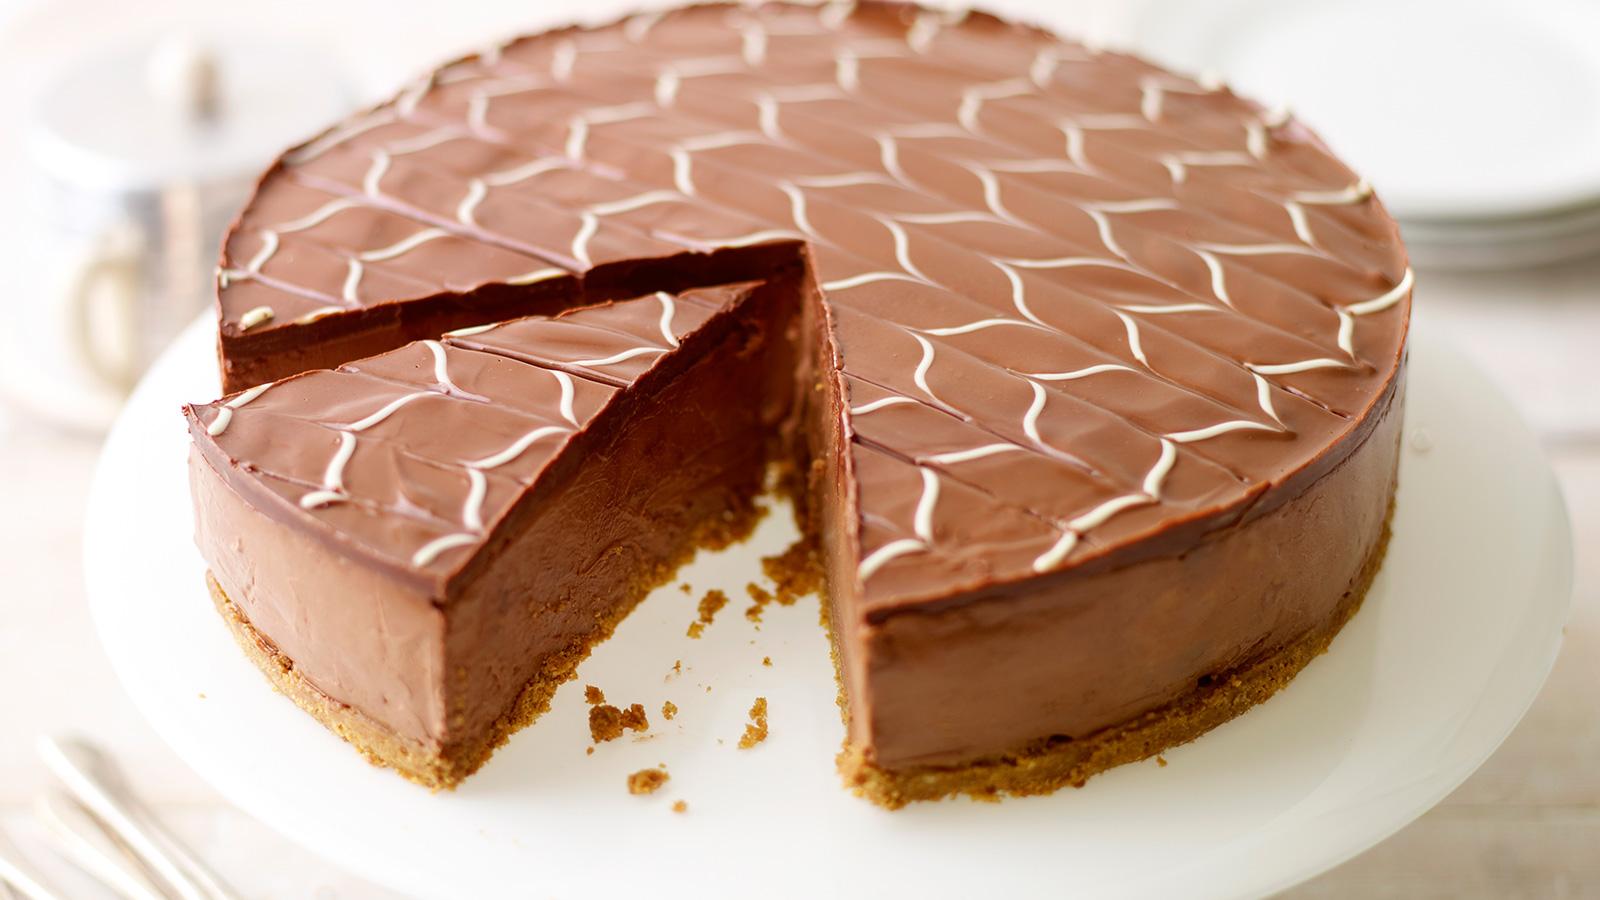 Как приготовить чизкейк в домашних условиях шоколадный